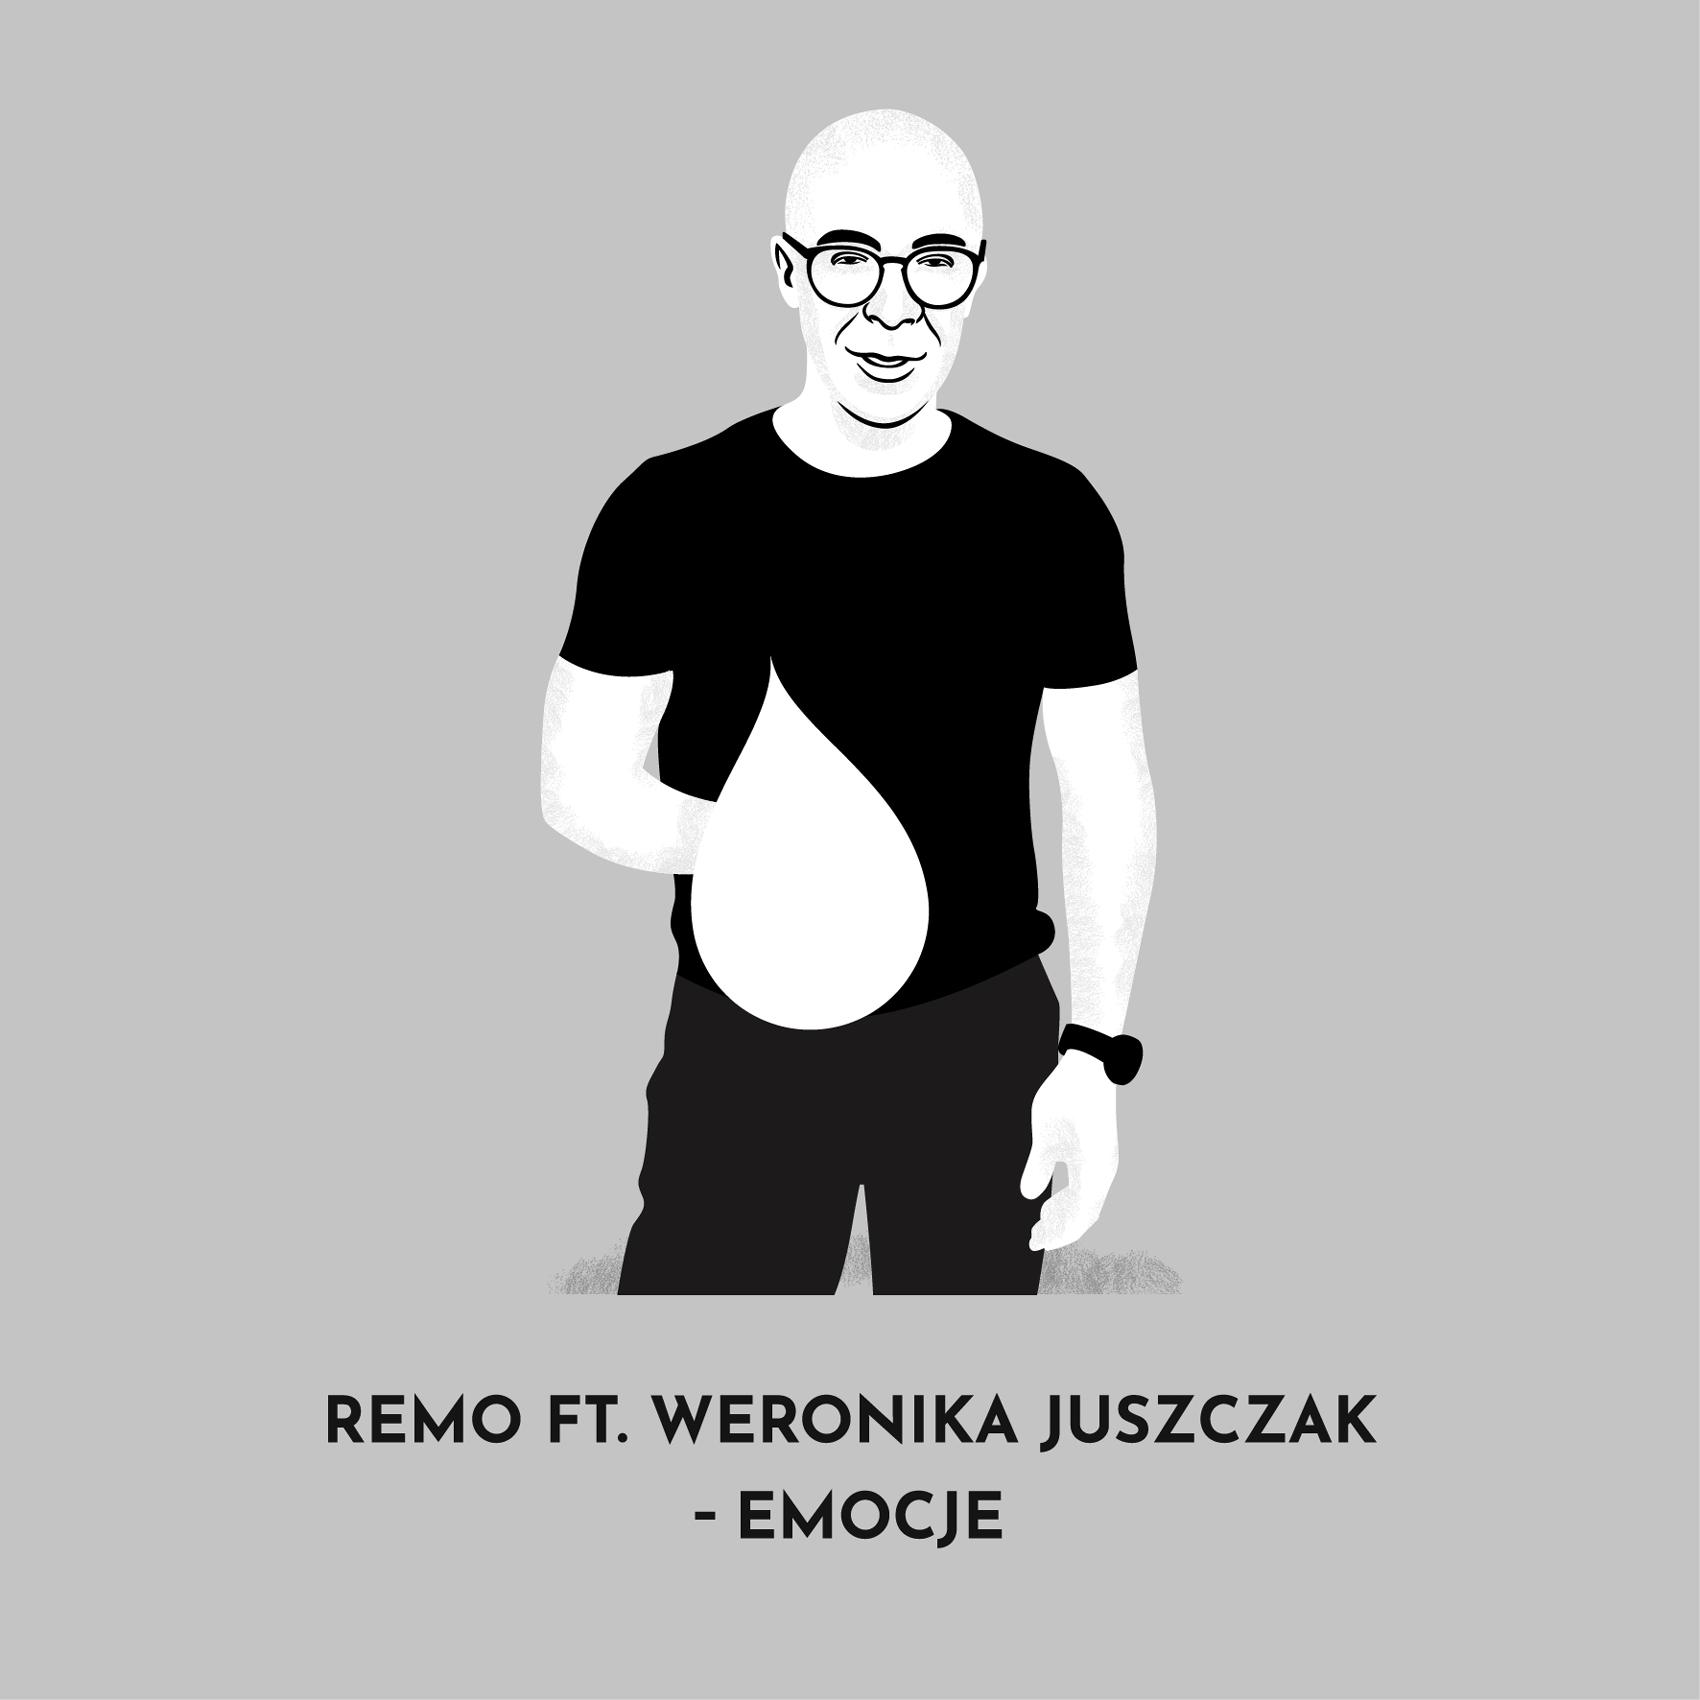 Remo ft. Weronika Juszczak - Emocje